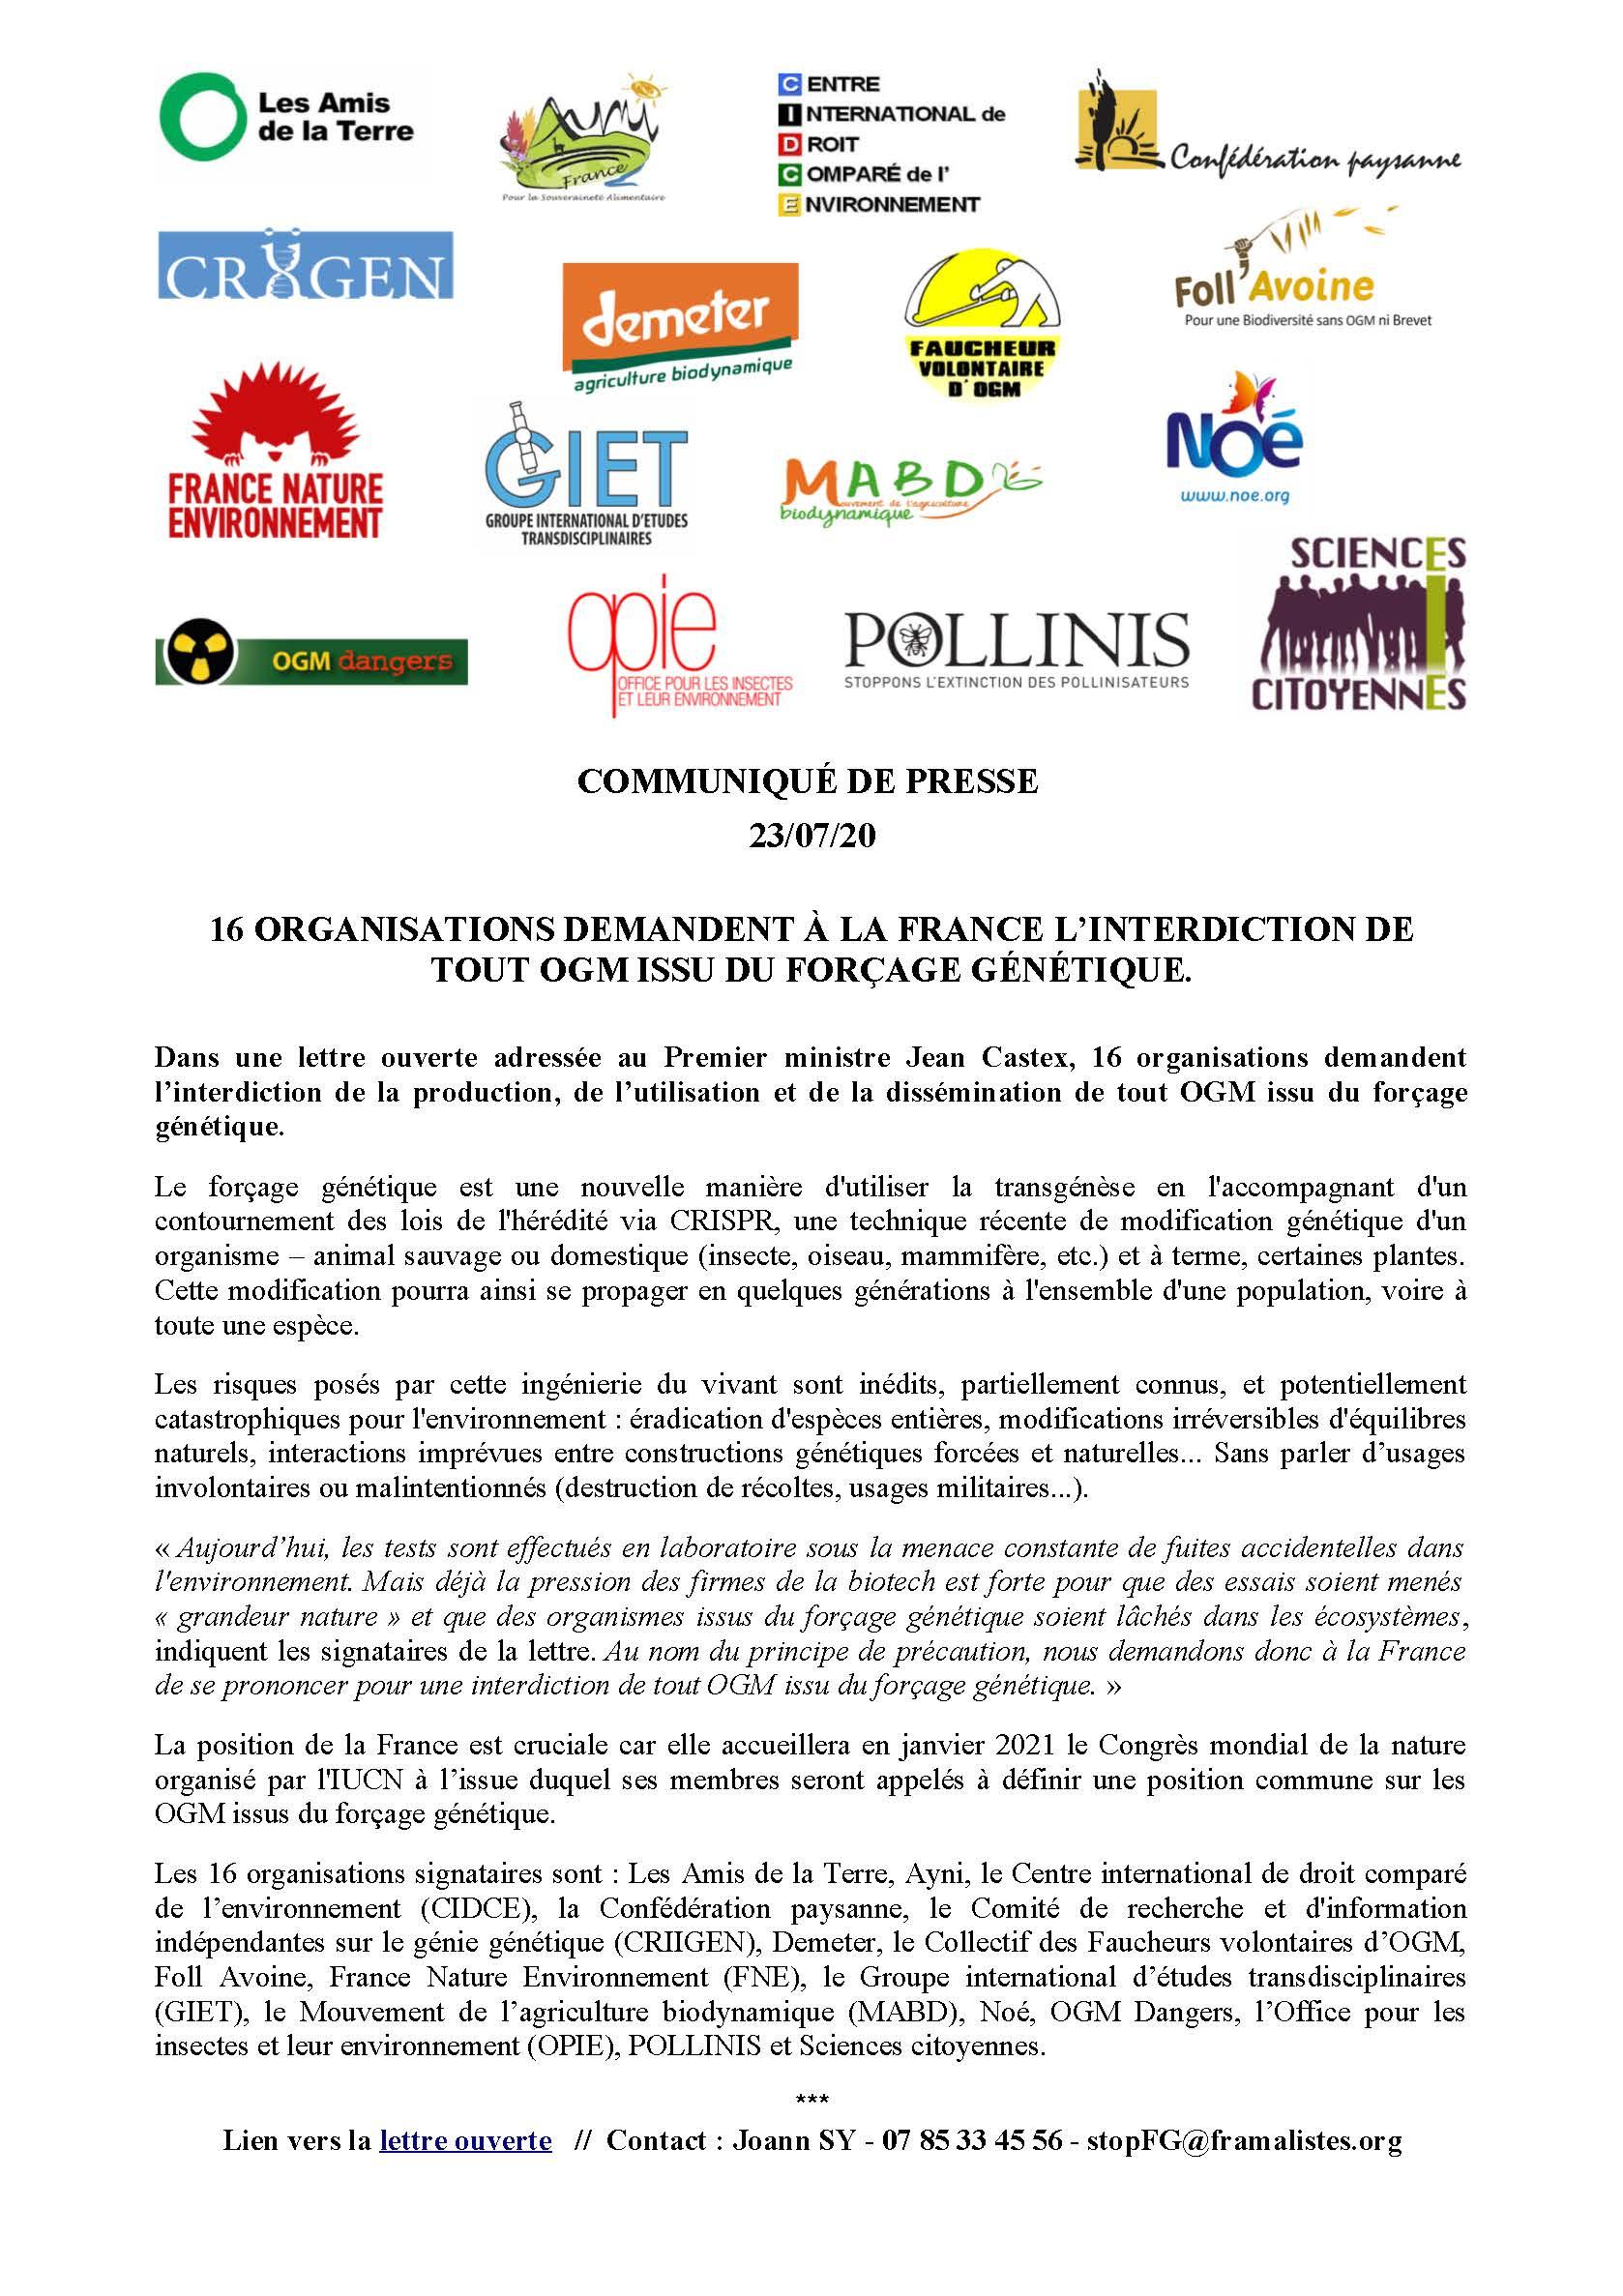 2020-07-23_CP-Lettre-ouverte-interdiction-forcage-genetique-23_7_20.jpg